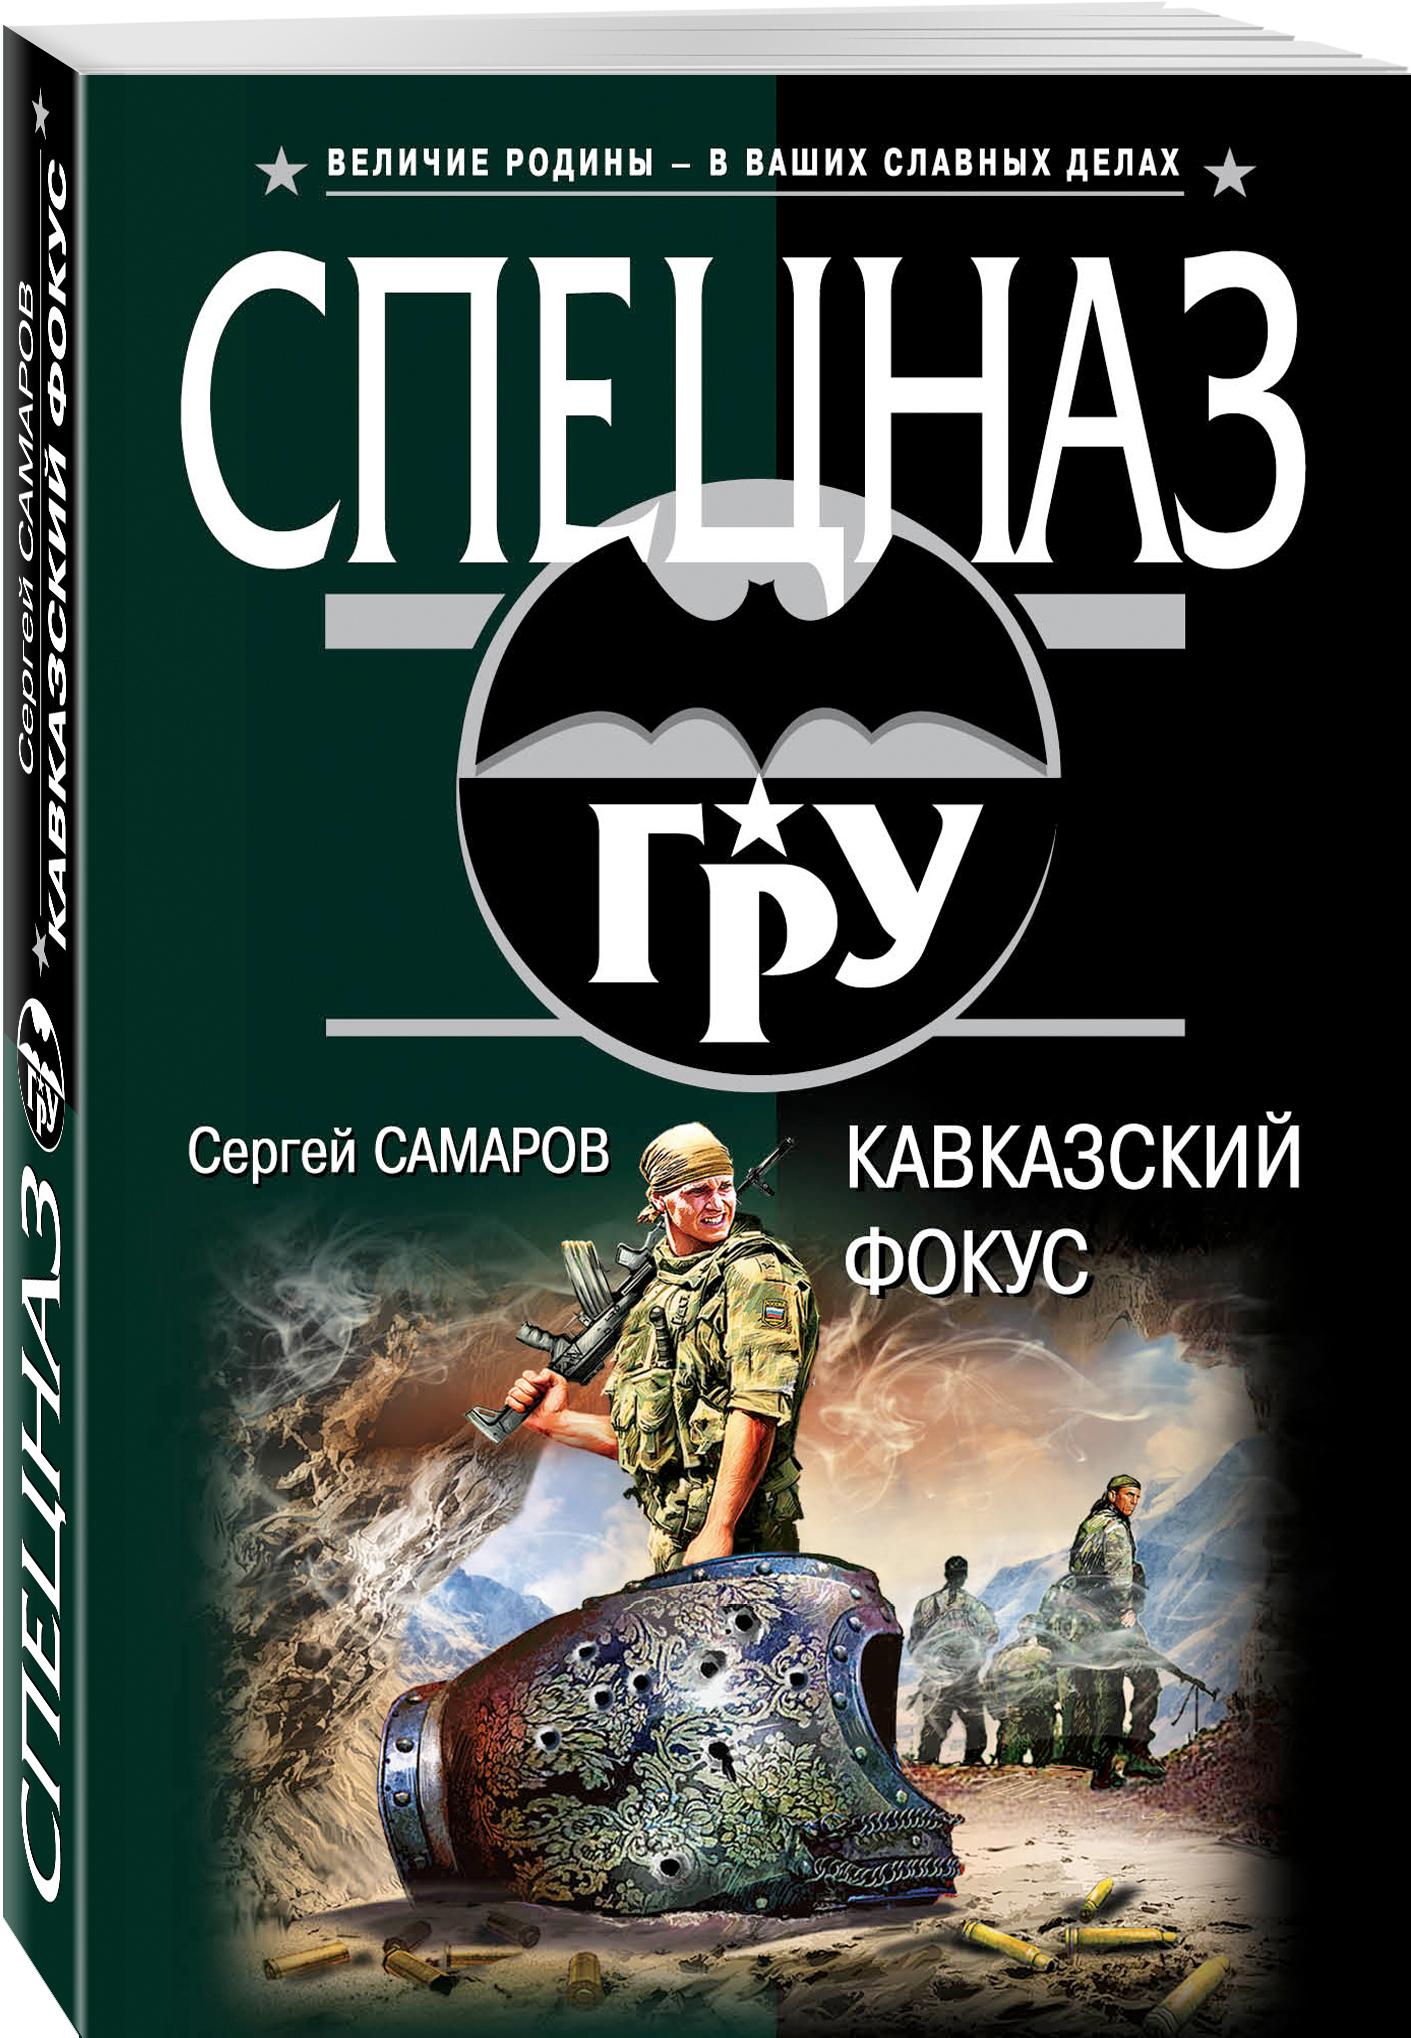 Кавказский фокус